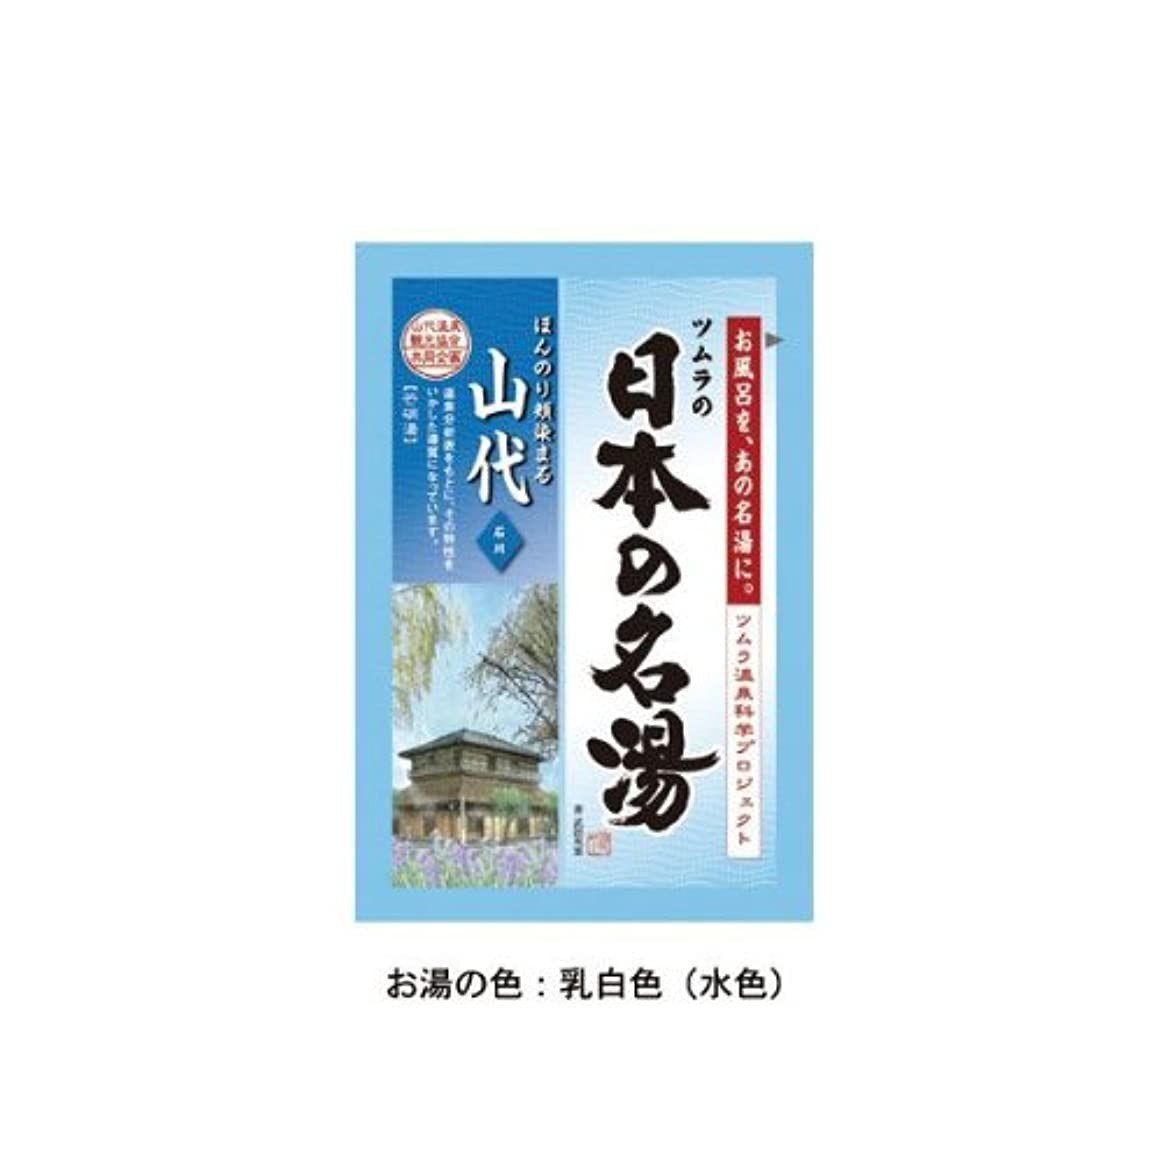 ストライクアスレチックアスレチックツムラの日本の名湯 山代